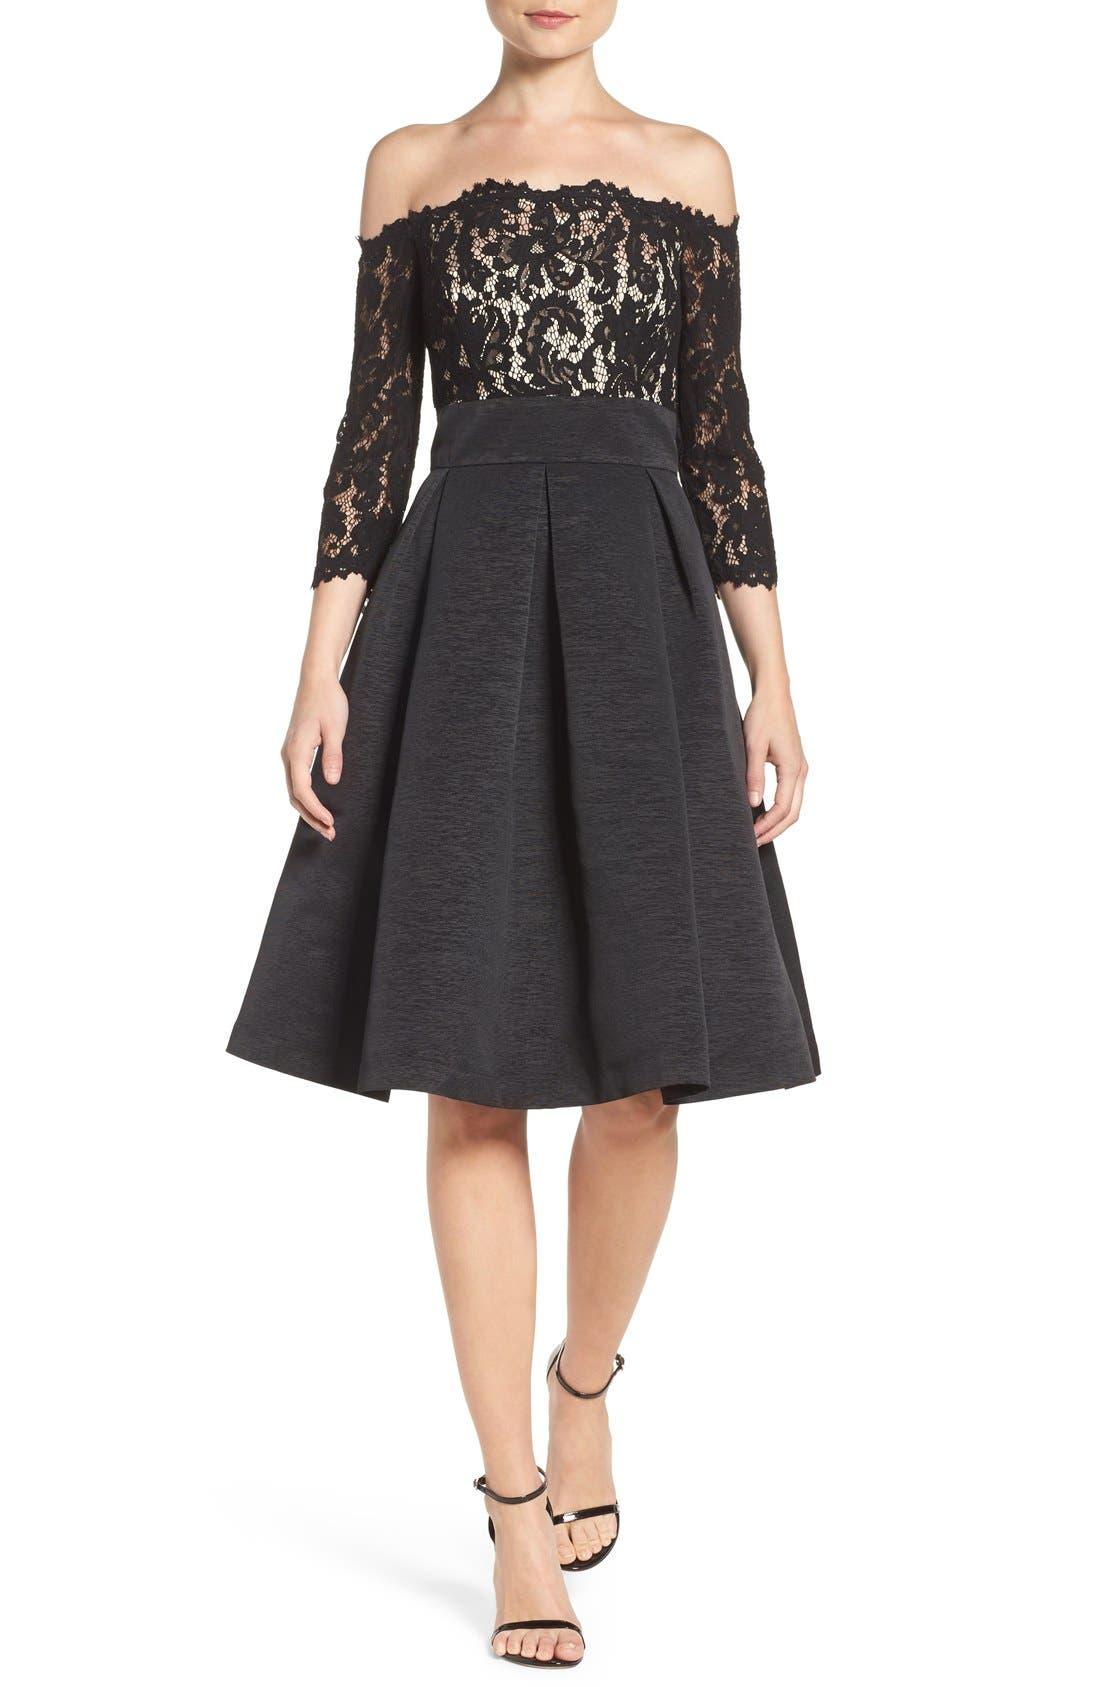 Petite Eliza J Off The Shoulder Fit & Flare Cocktail Dress, Black